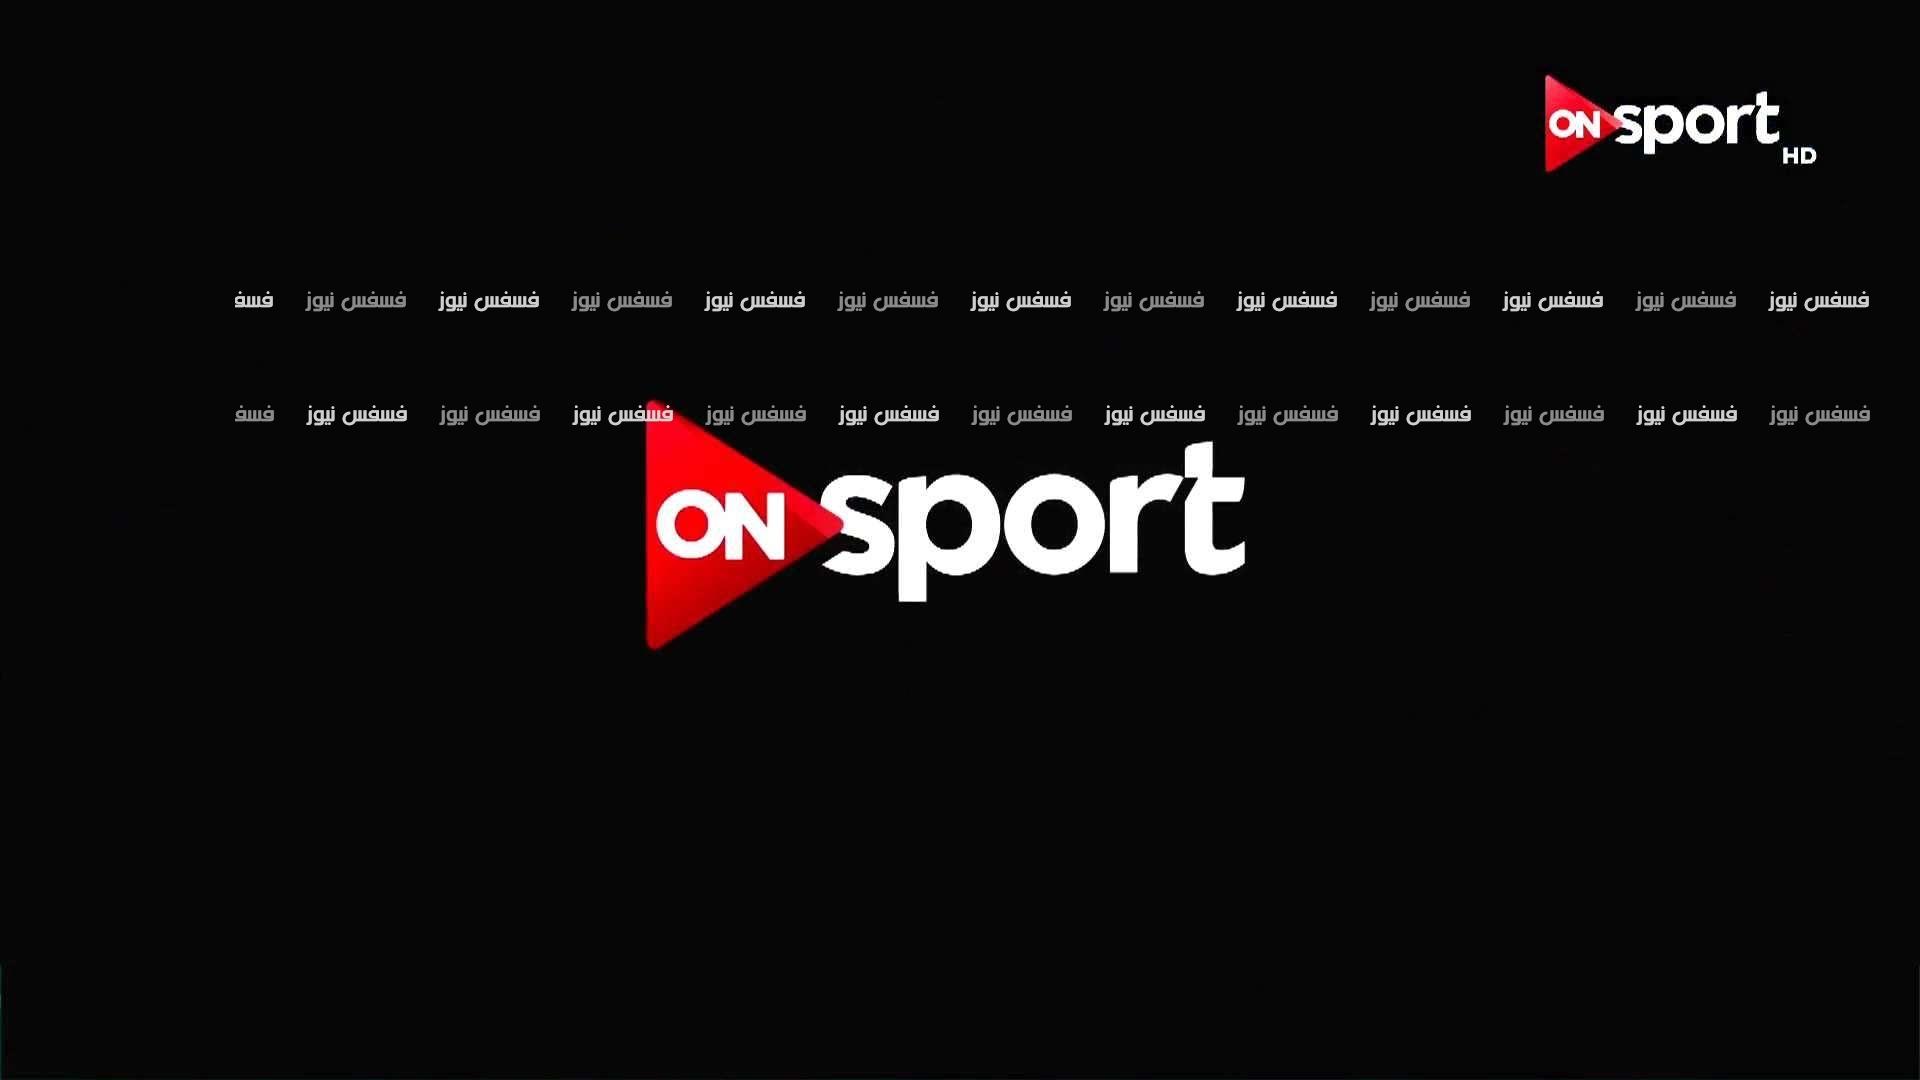 تردد قناة on sport الناقلة لمباريات الدوري المصري 2016-2017